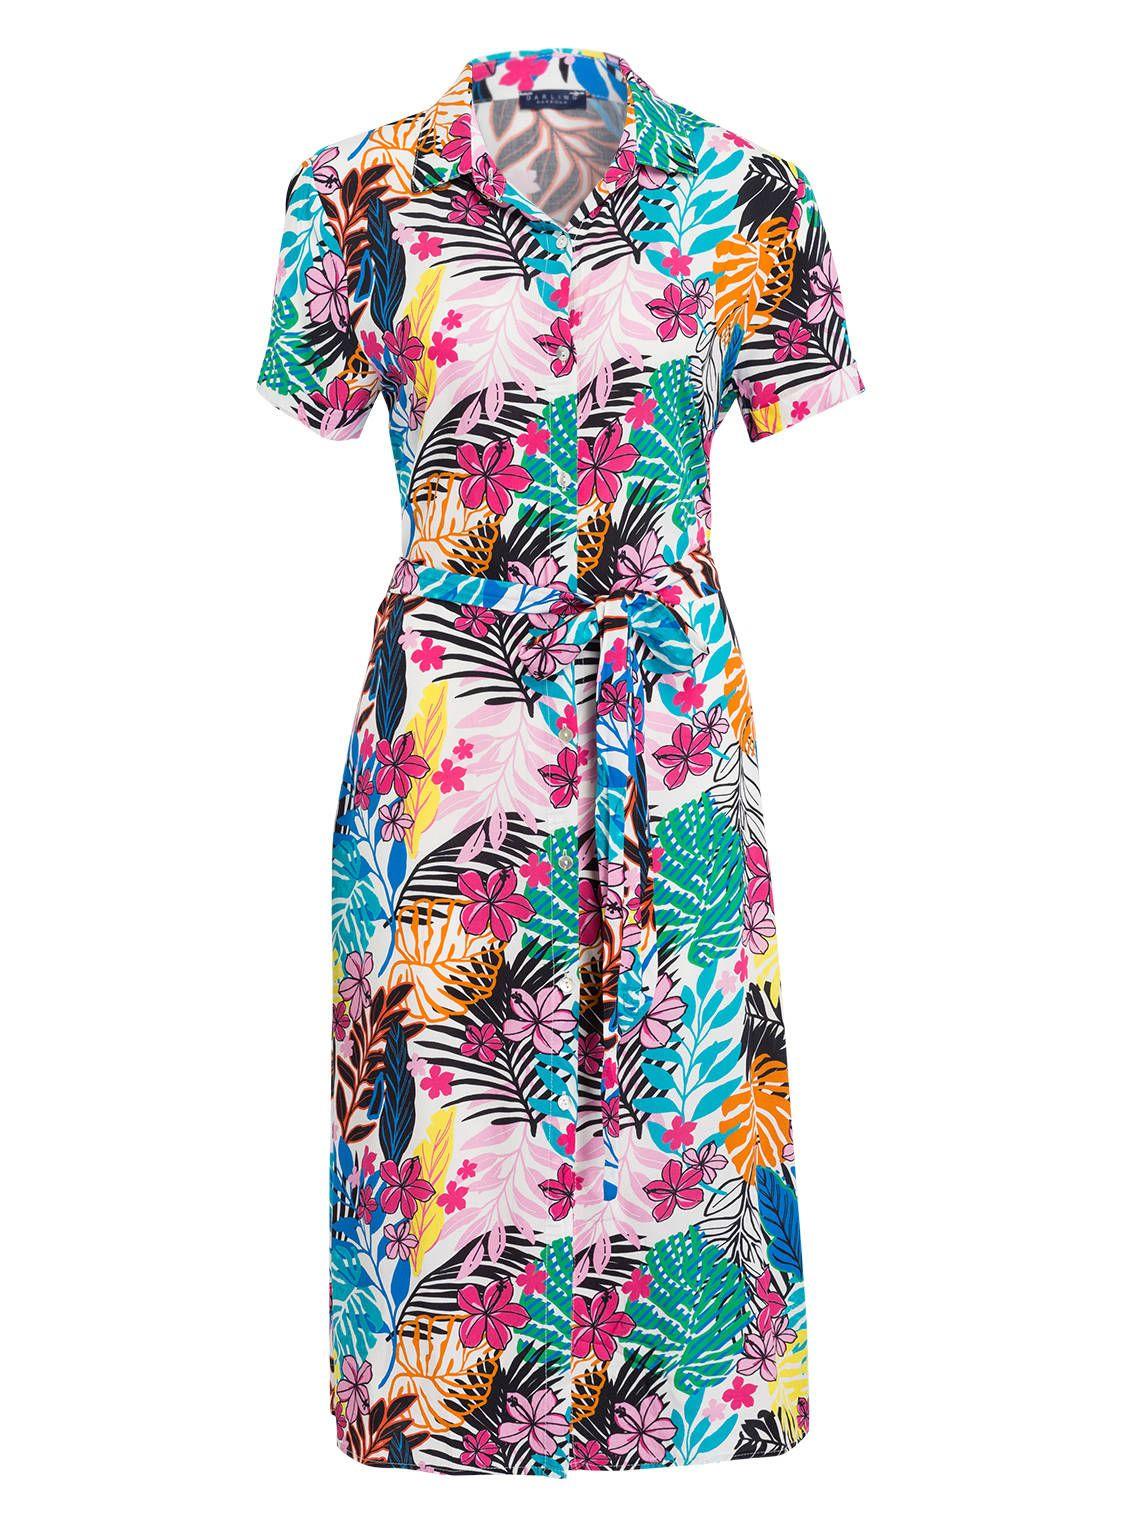 Kleid Von Darling Harbour Bei Breuninger Kaufen Kleider Breuninger Hemdblusen